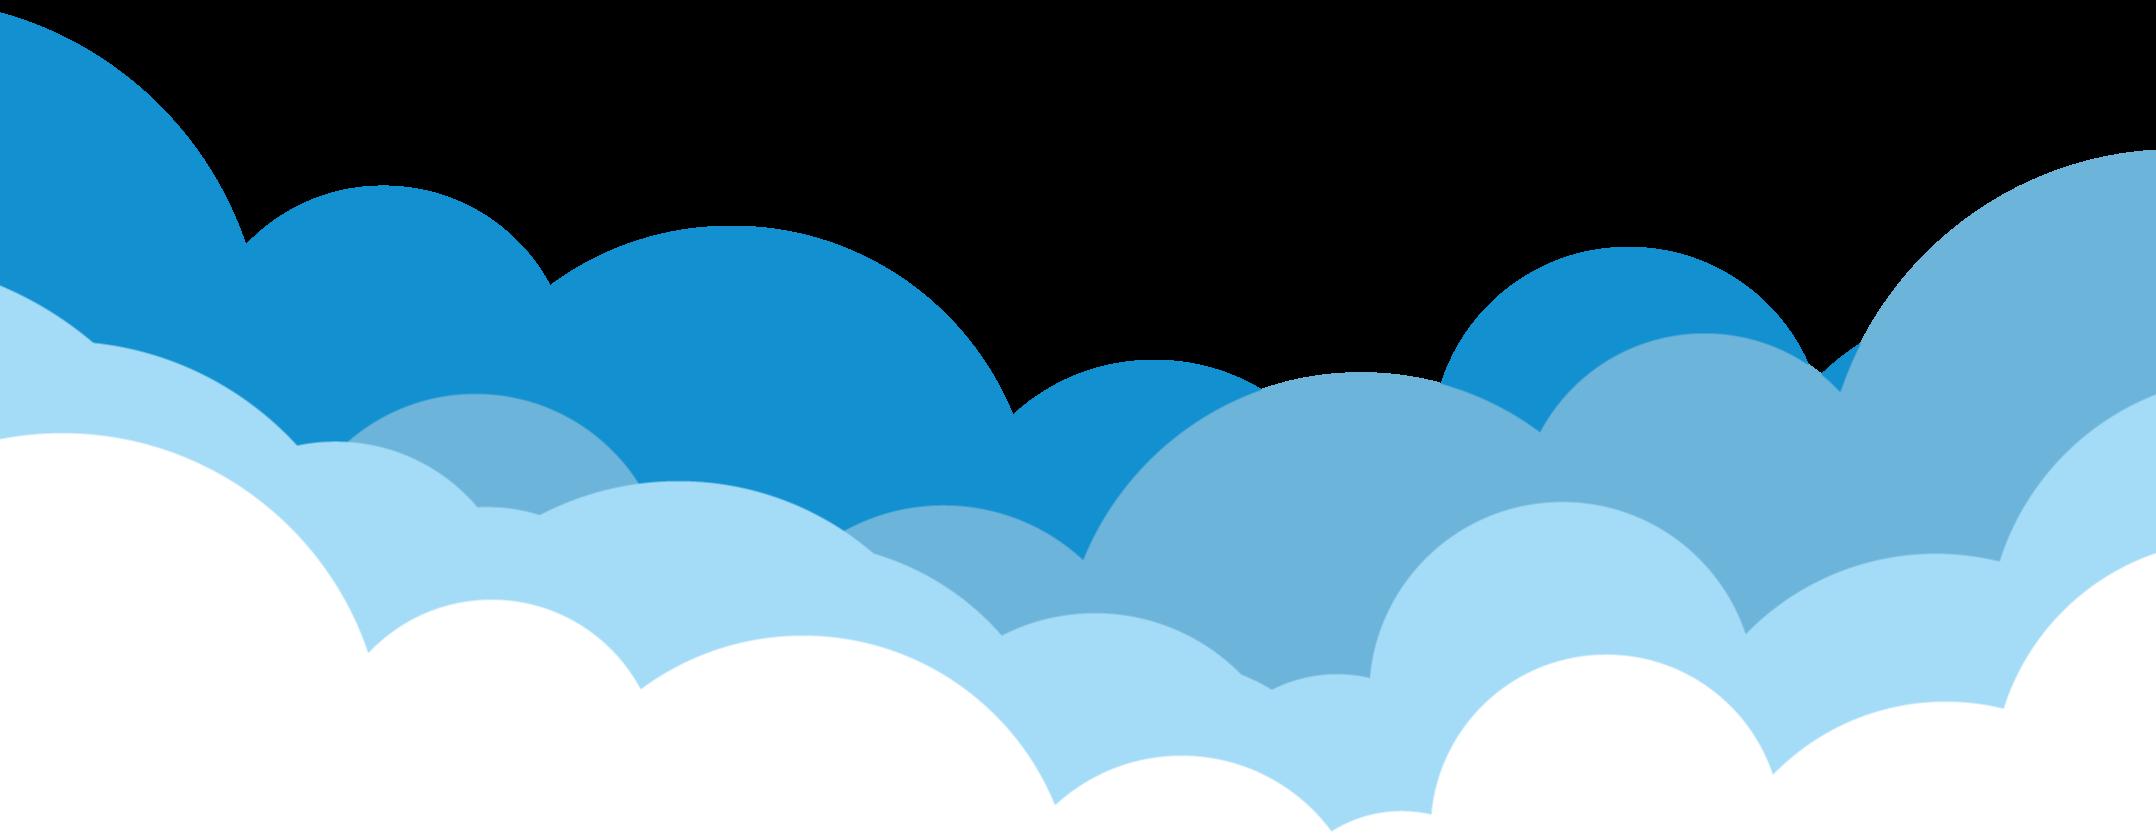 header clouds-31-1